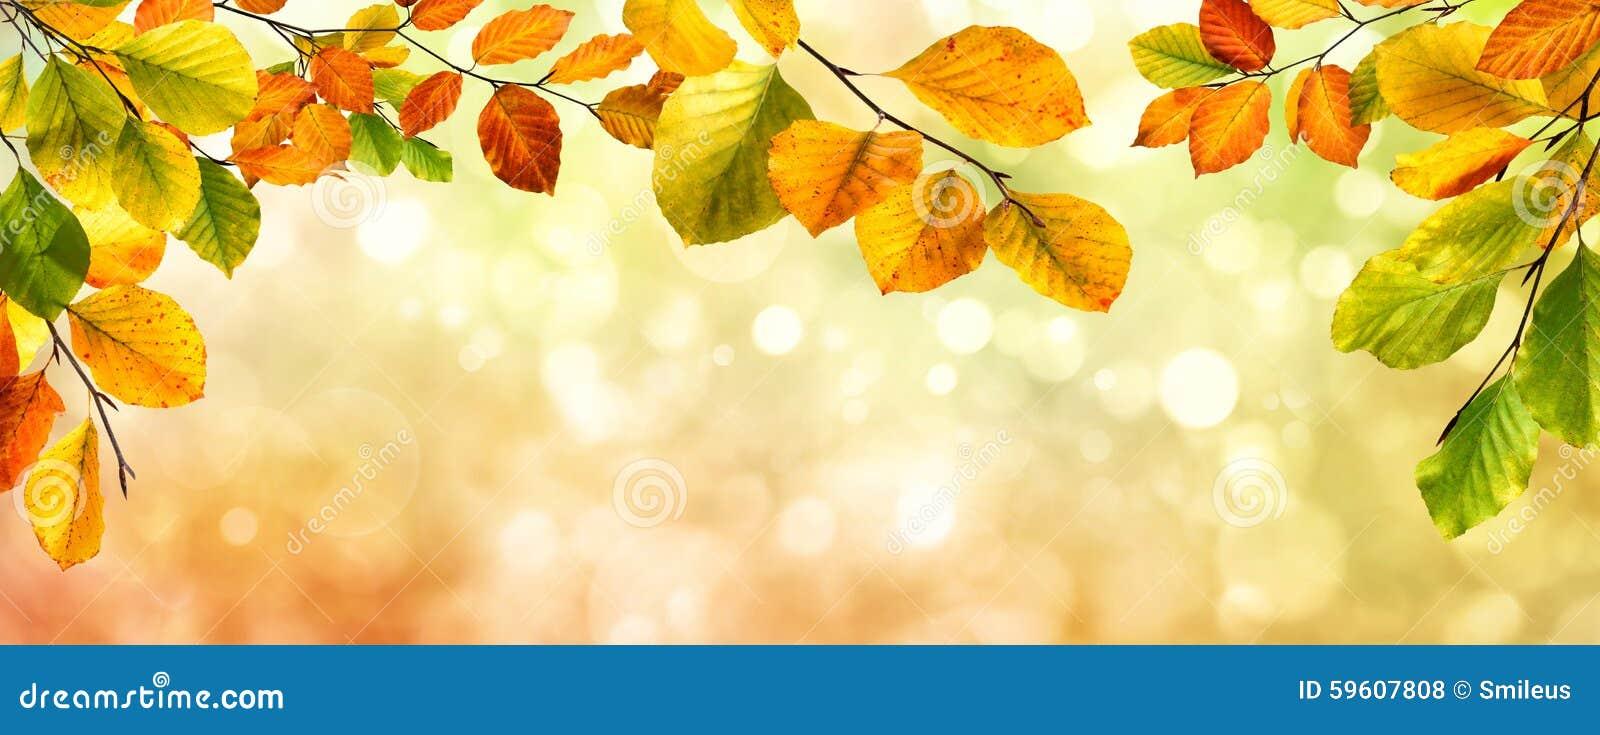 Frontière de feuilles d automne sur le fond de bokeh